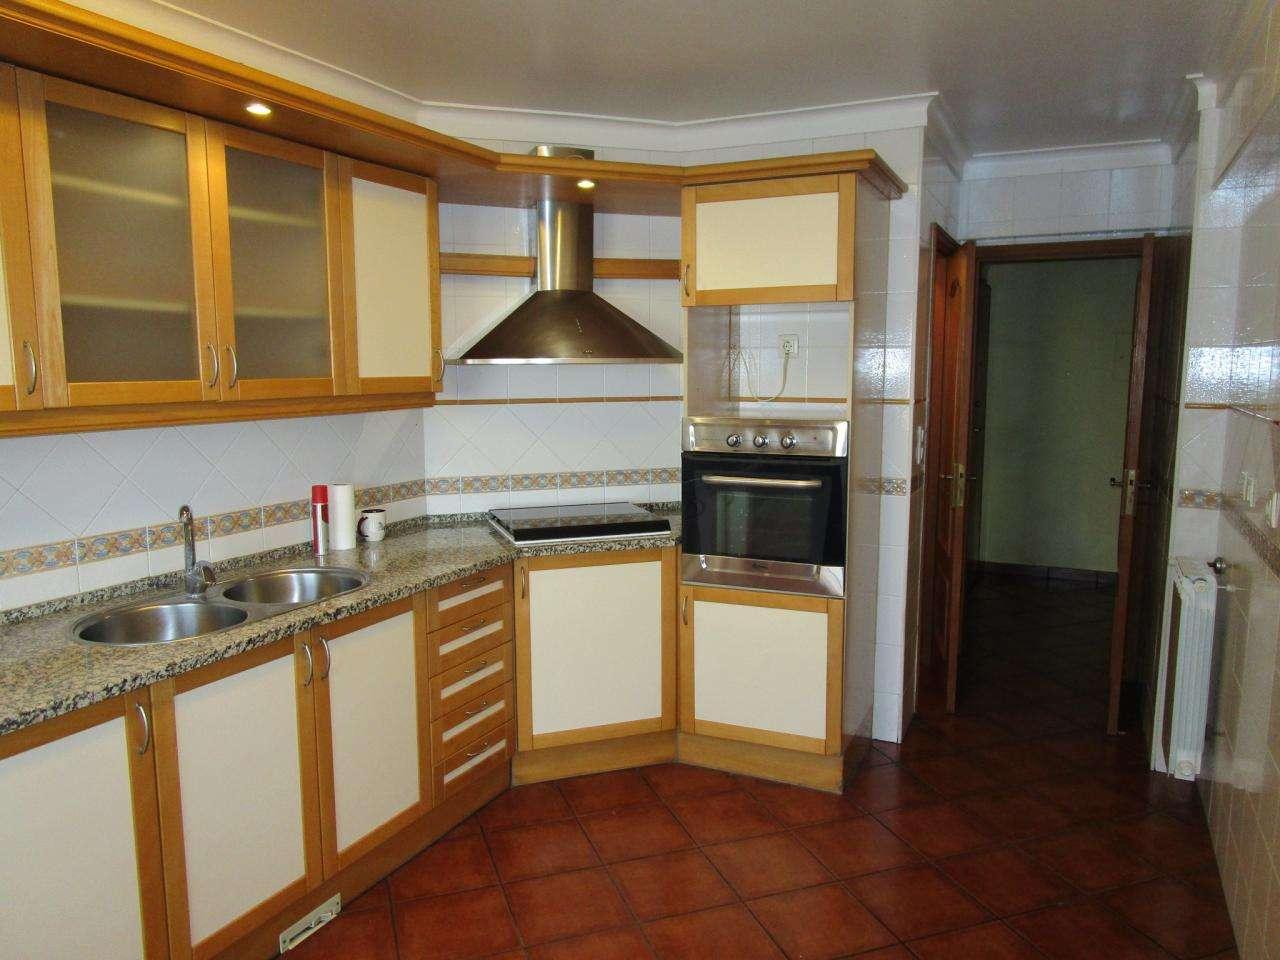 Apartamento para comprar, Barreiro e Lavradio, Barreiro, Setúbal - Foto 3